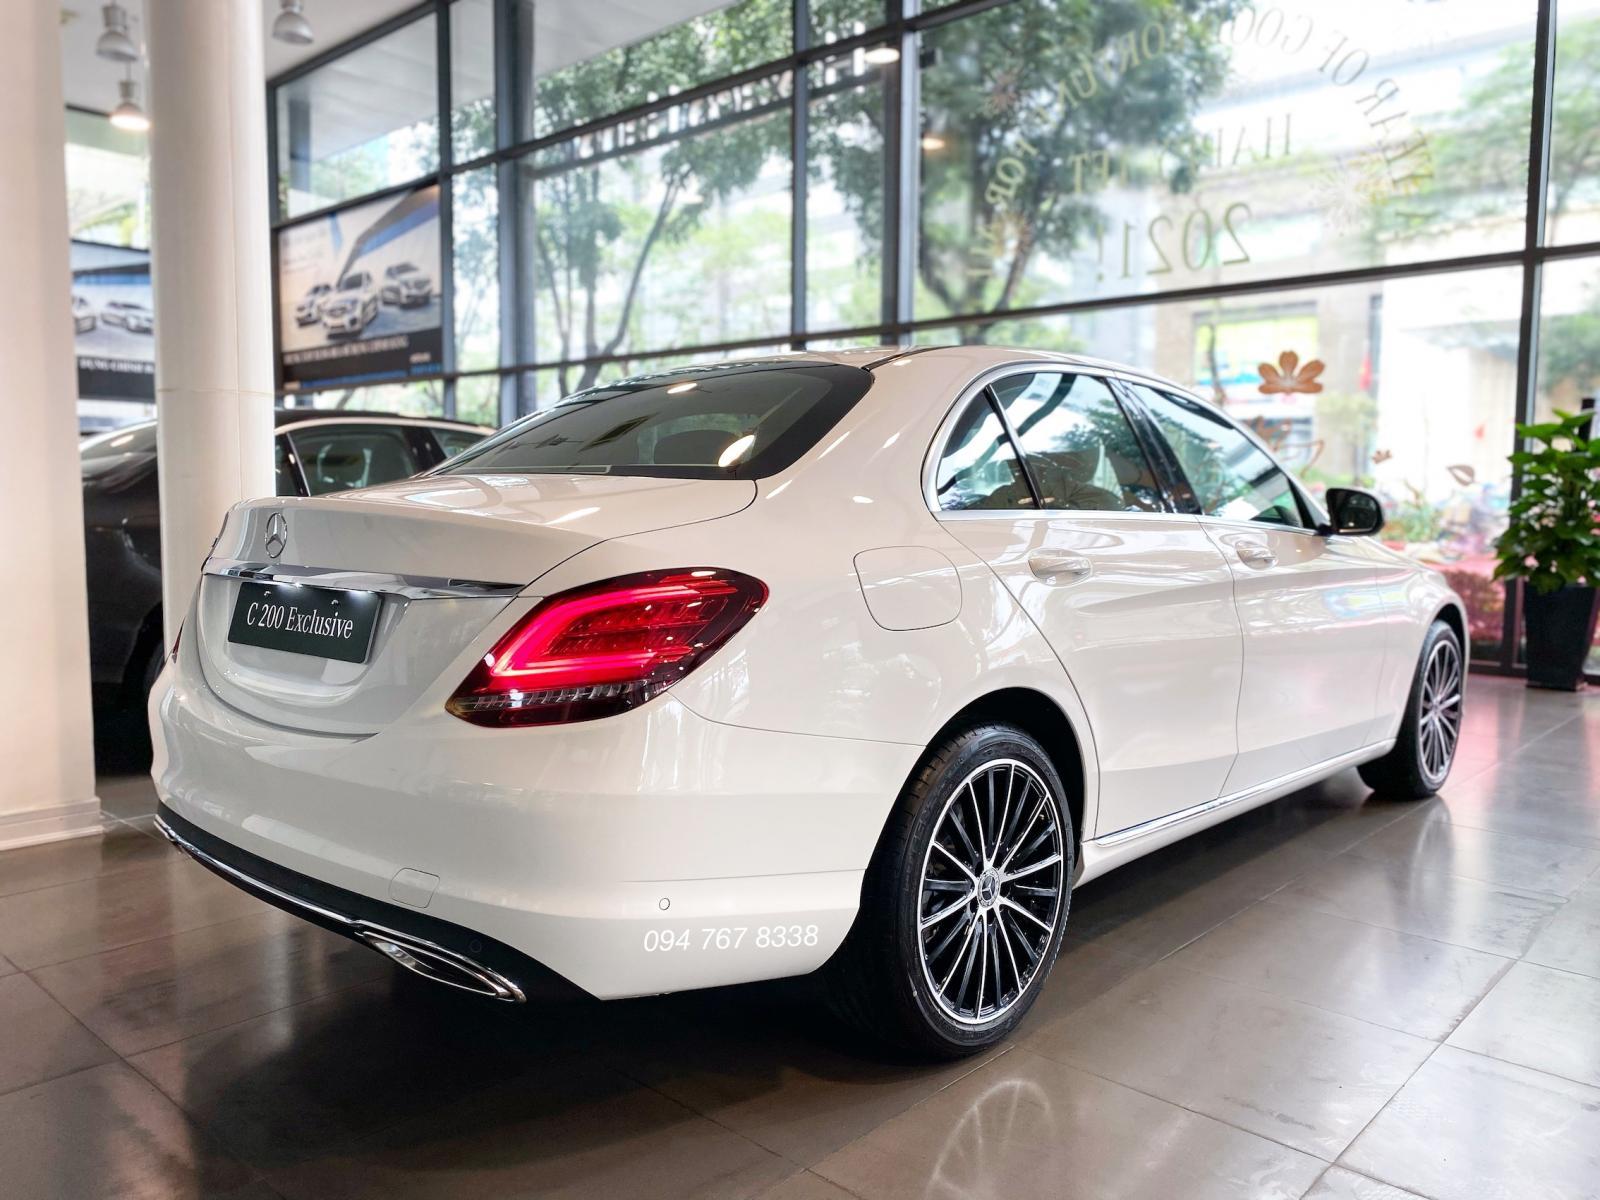 Bán Mercedes C200 Exclusive 2021 màu trắng siêu lướt, biển đẹp, giá cực tốt